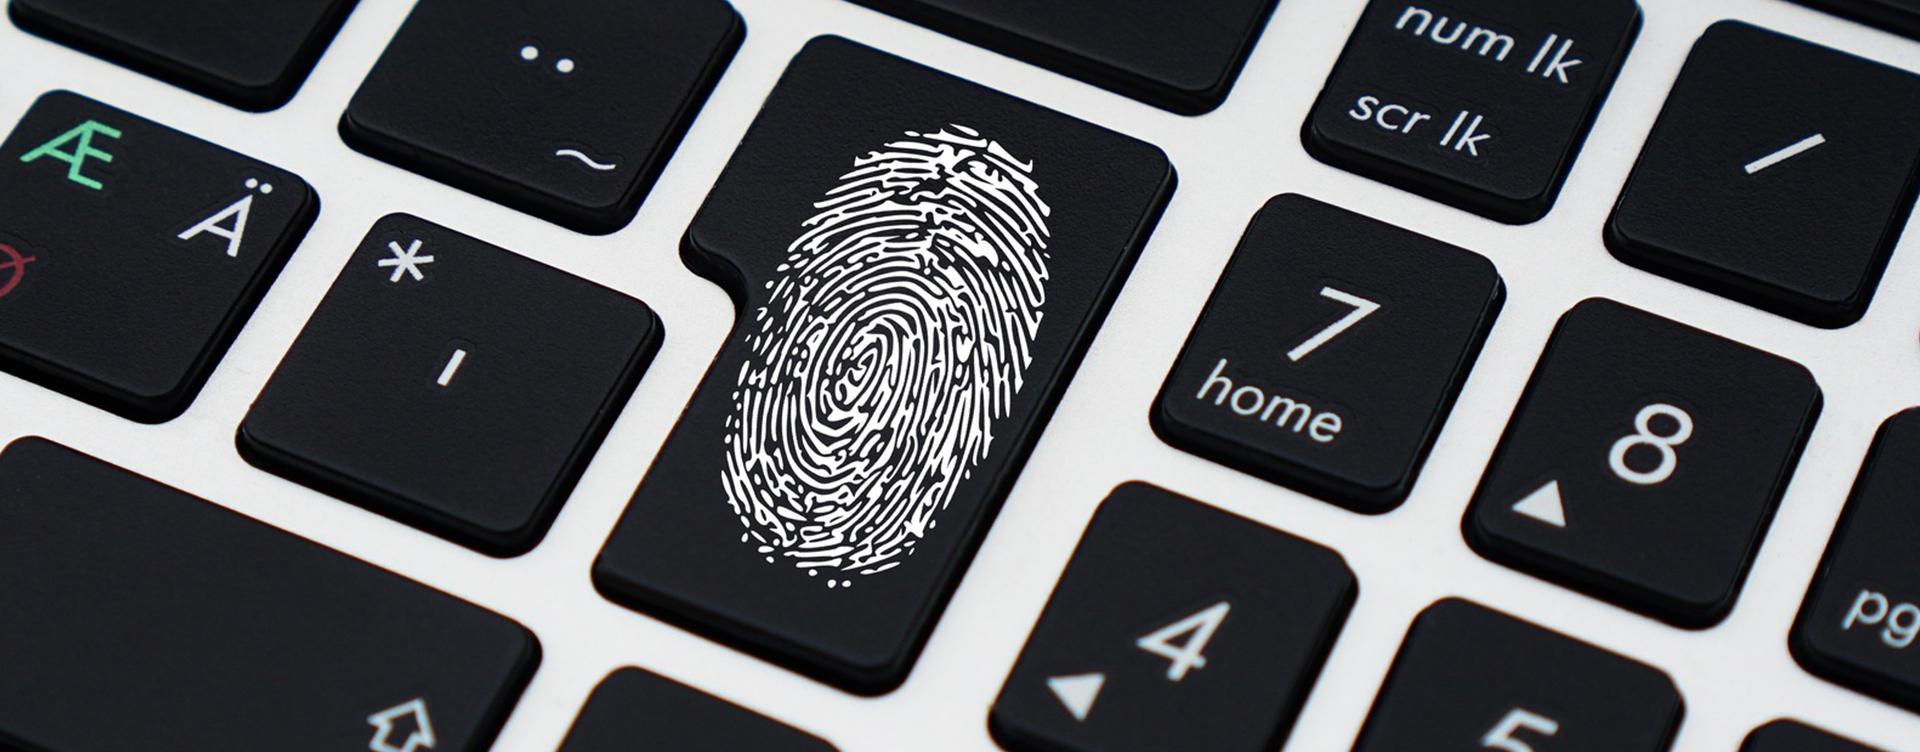 Tres Nuevos Spoocs Sobre Protección De Datos Personales E Identidad Digital Aprendeintef